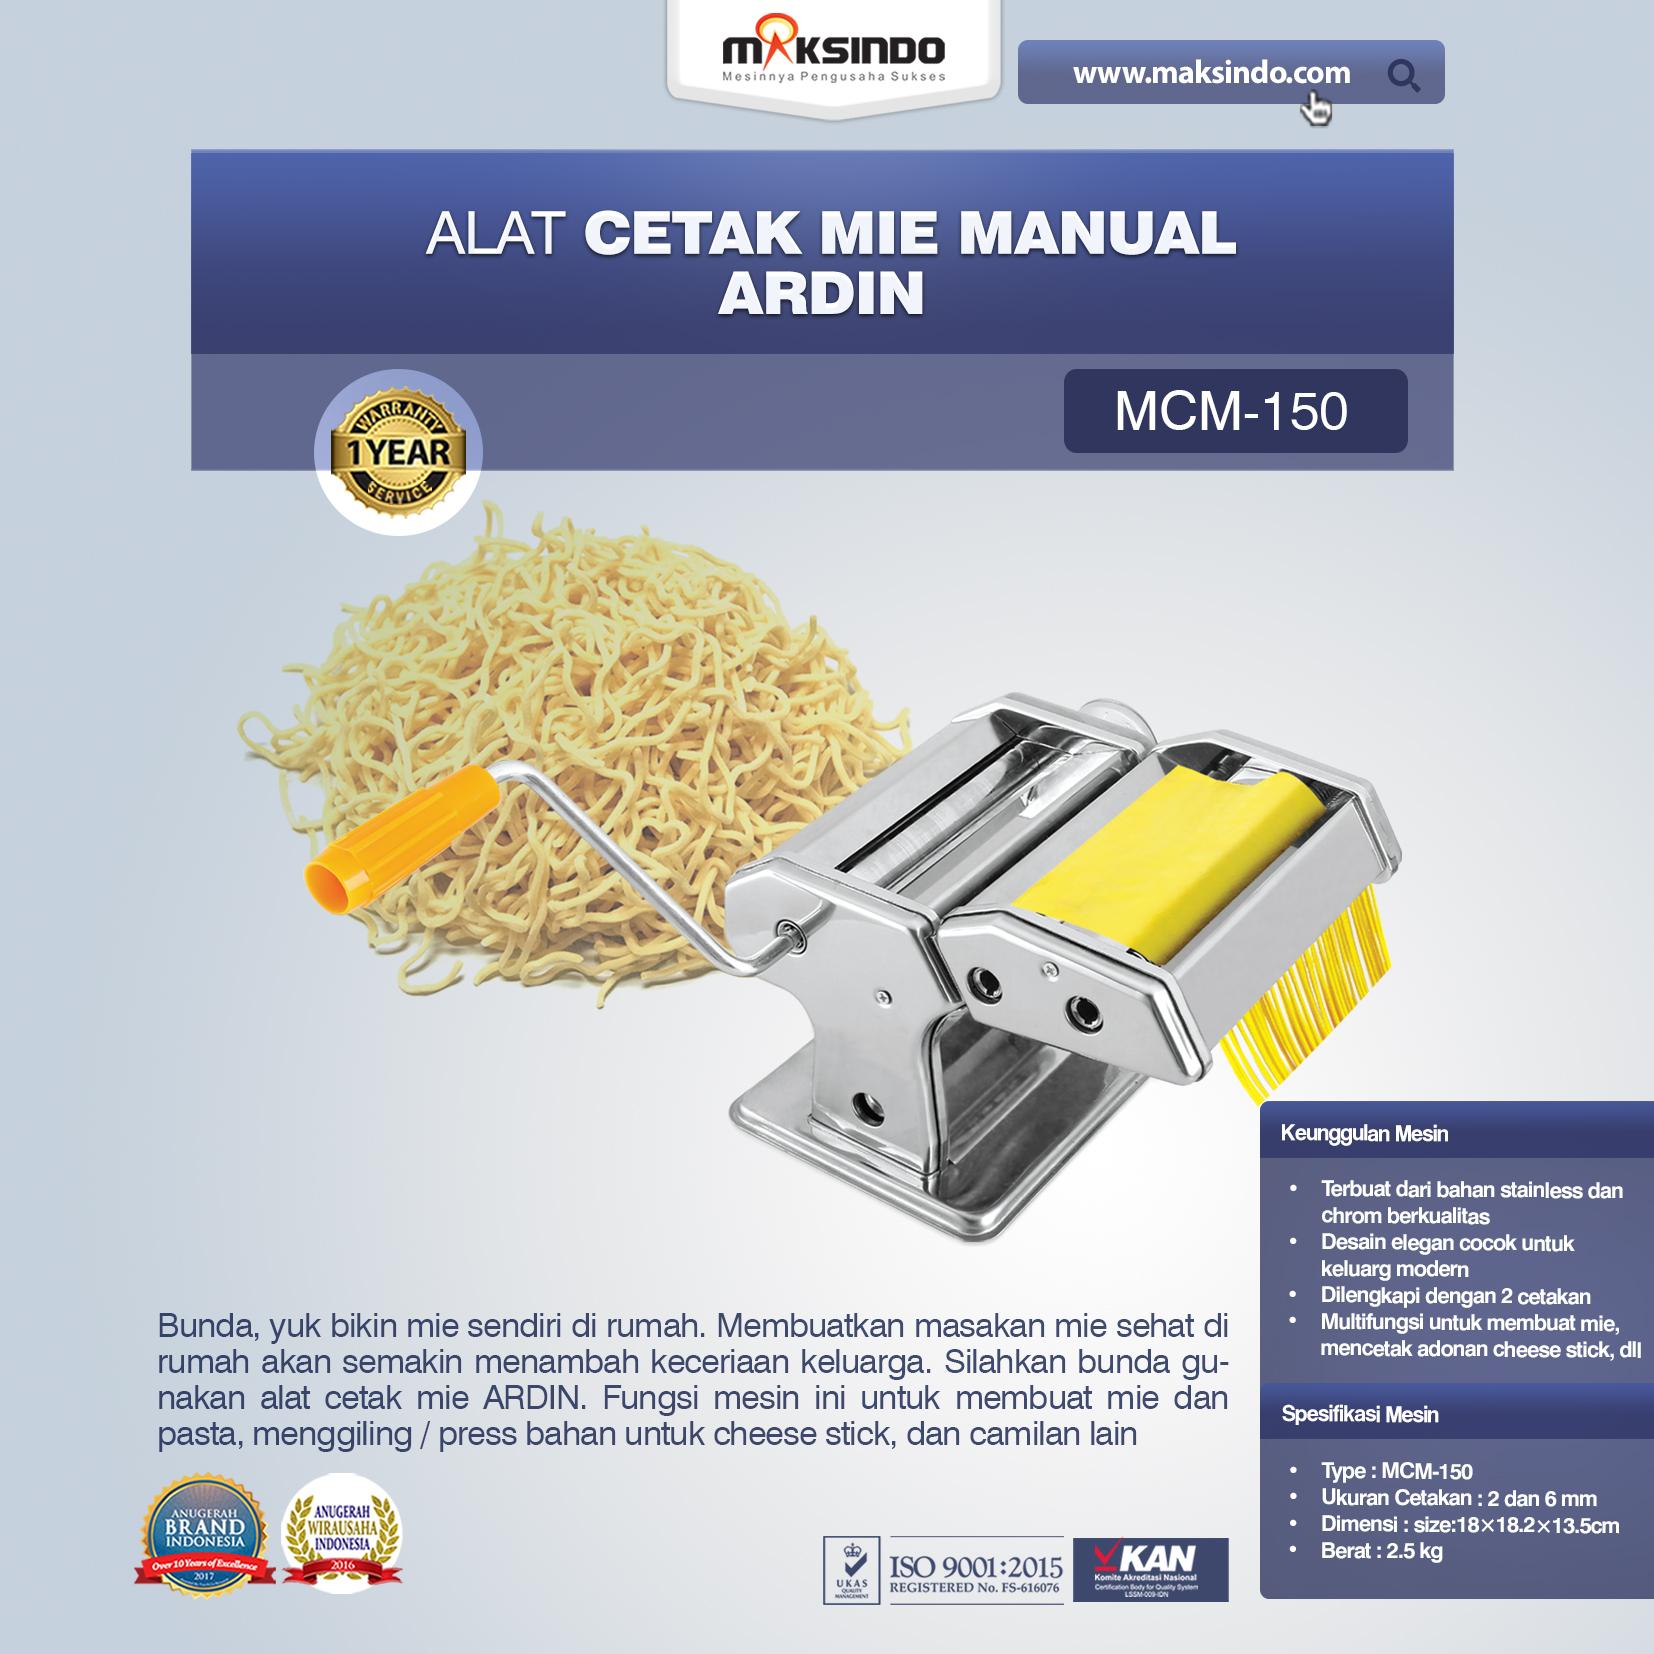 Alat Cetakan Mie Manual Rumah Tangga ARDIN MCM-150